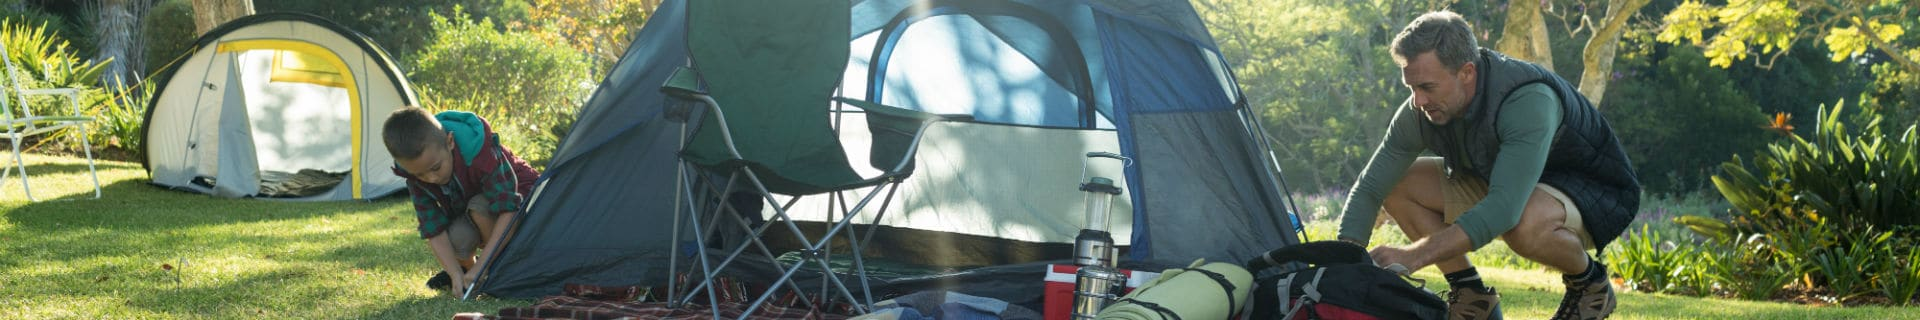 Sieben praktische Campingtricks